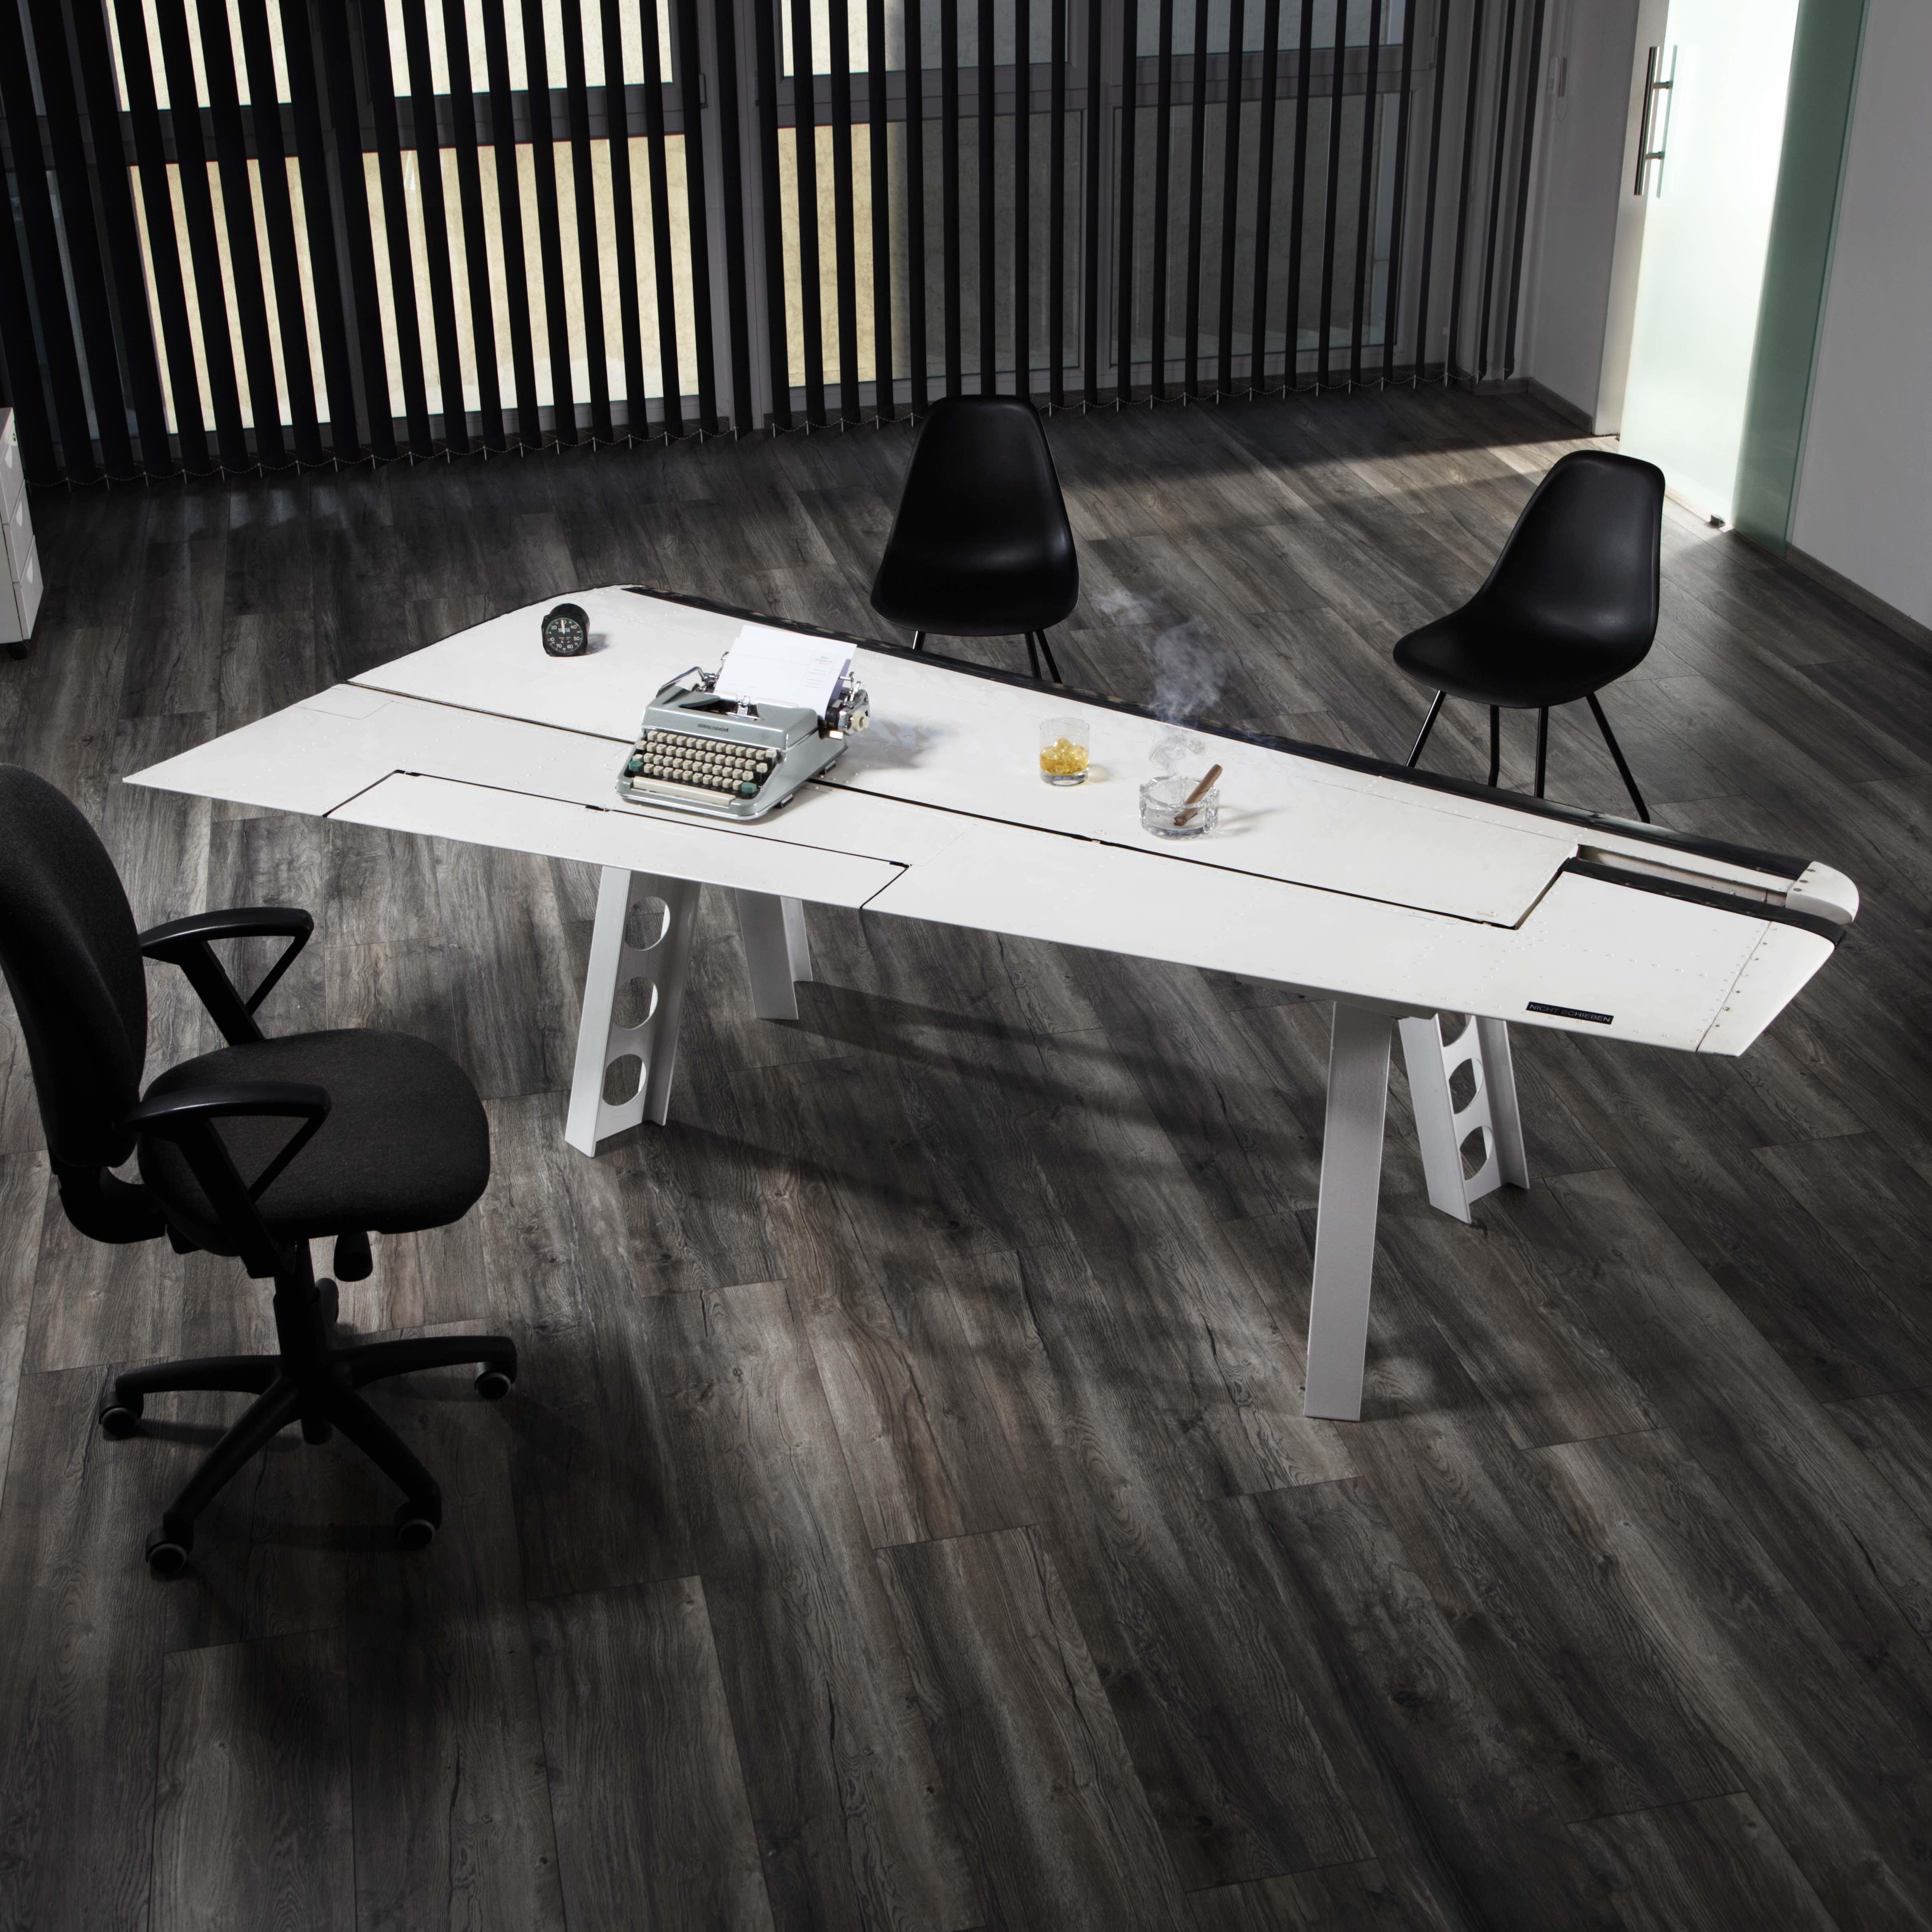 tisch h henruder piper pa 31. Black Bedroom Furniture Sets. Home Design Ideas